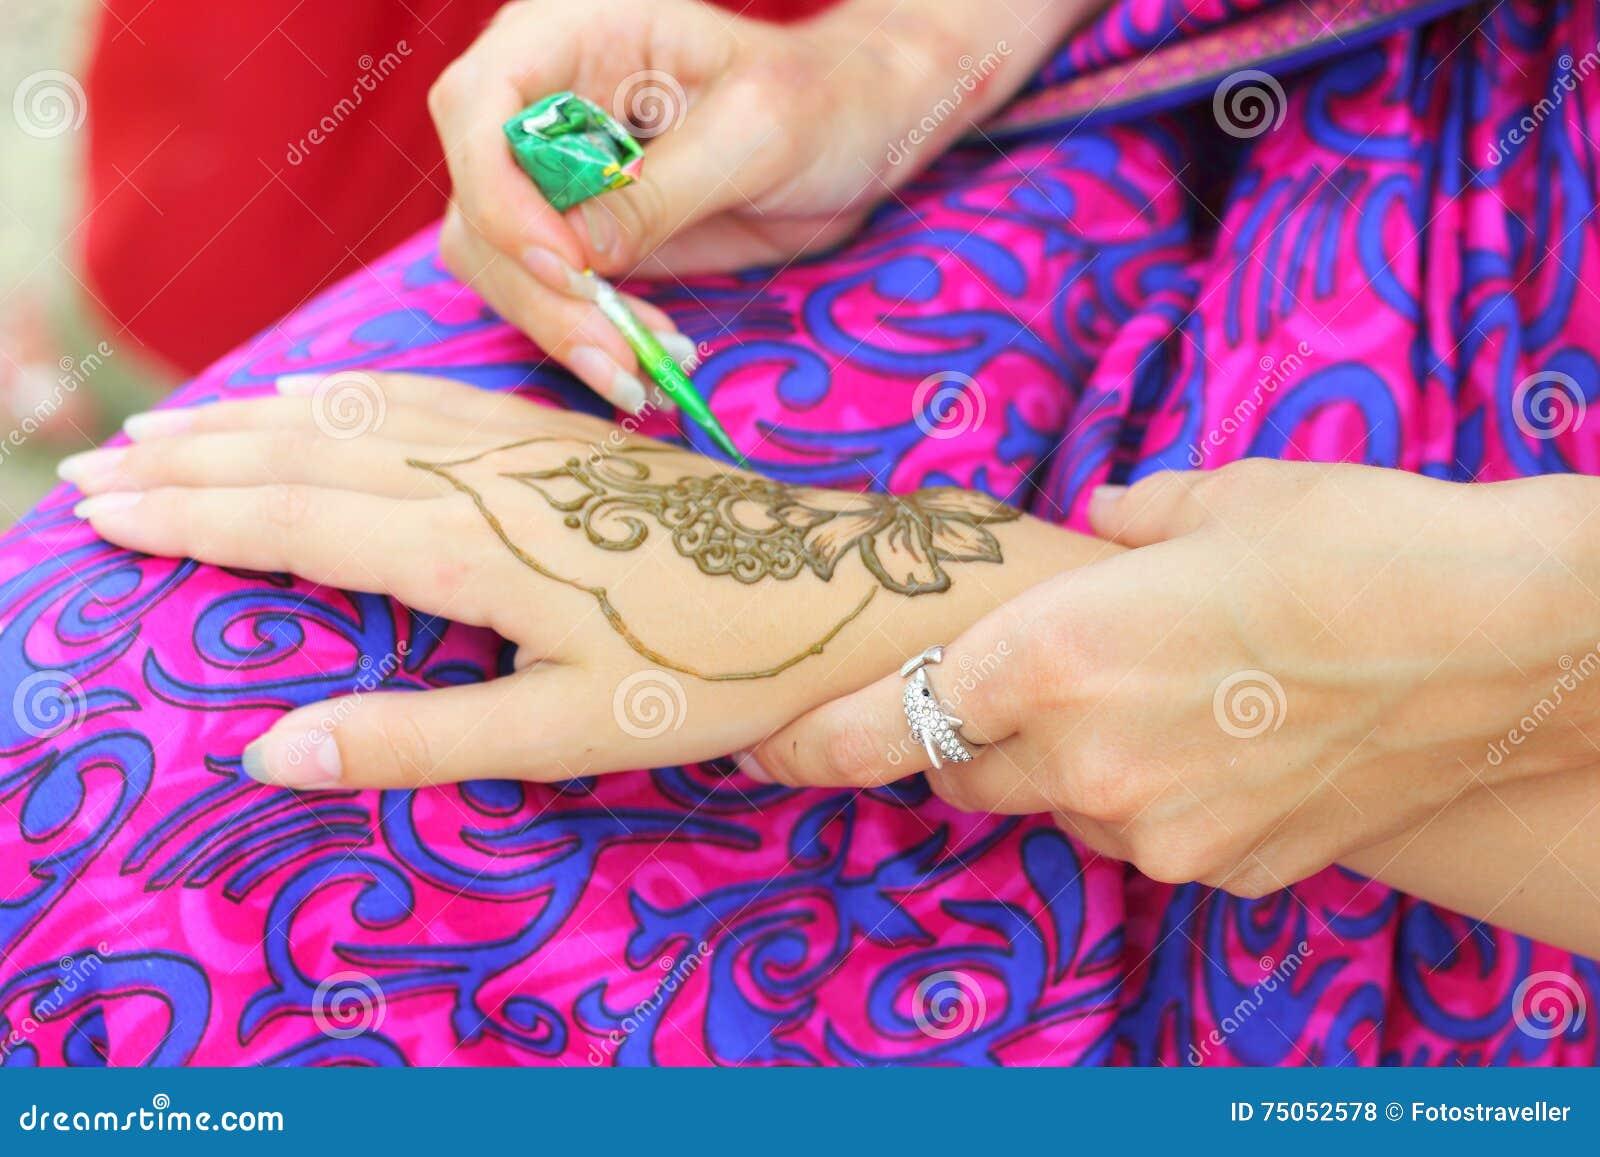 Mehendi Henna Body Painting Stock Photo Image Of Ukraine Meaning